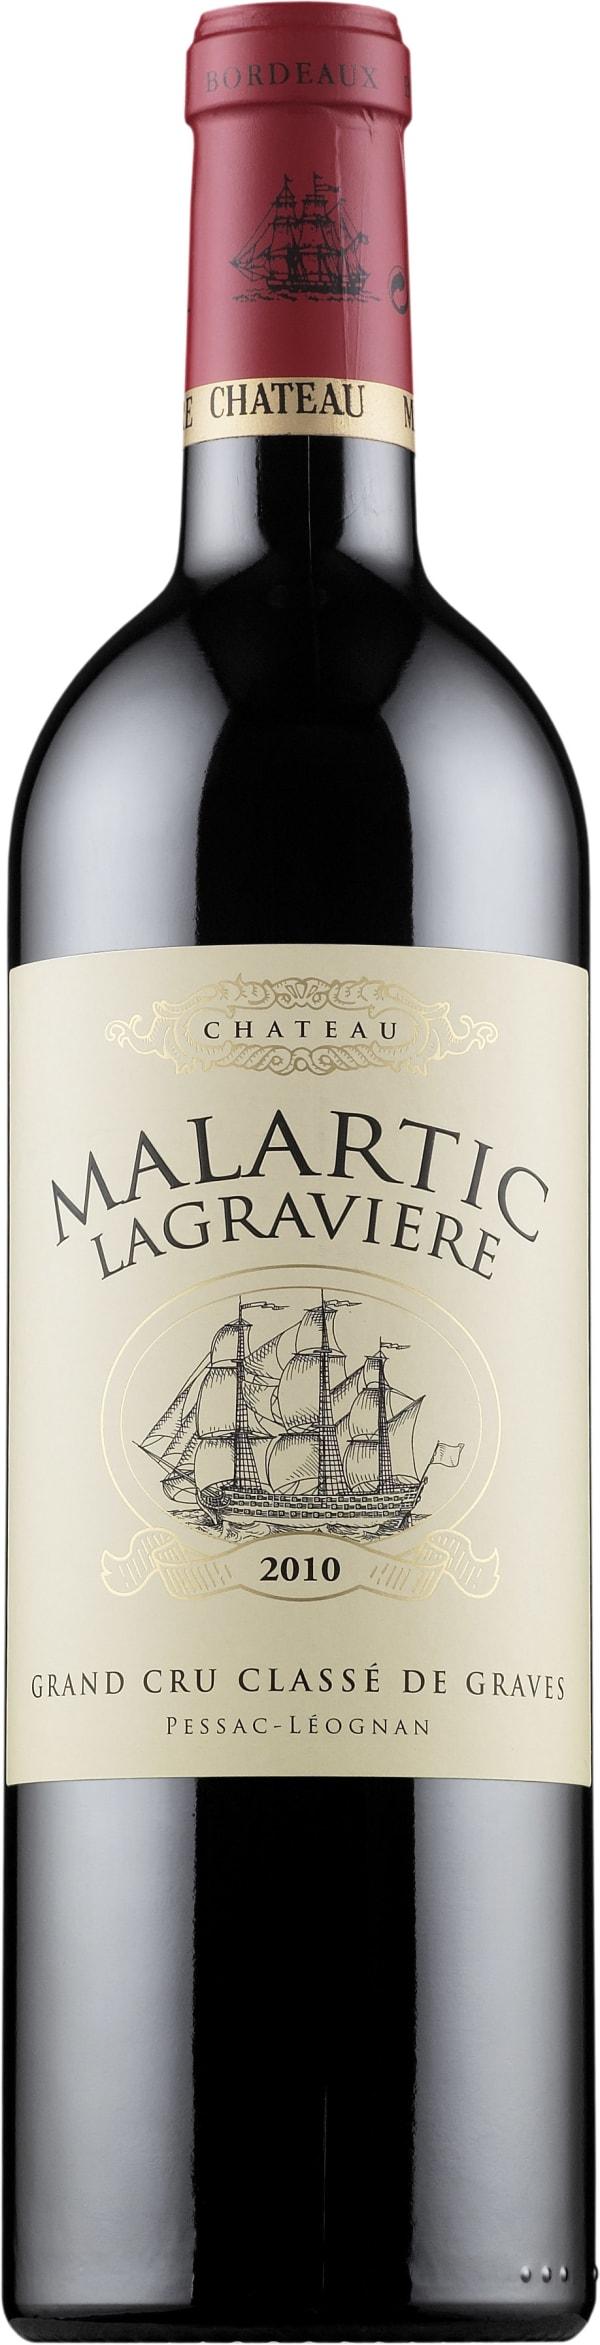 Château Malartic-Lagravière 2010